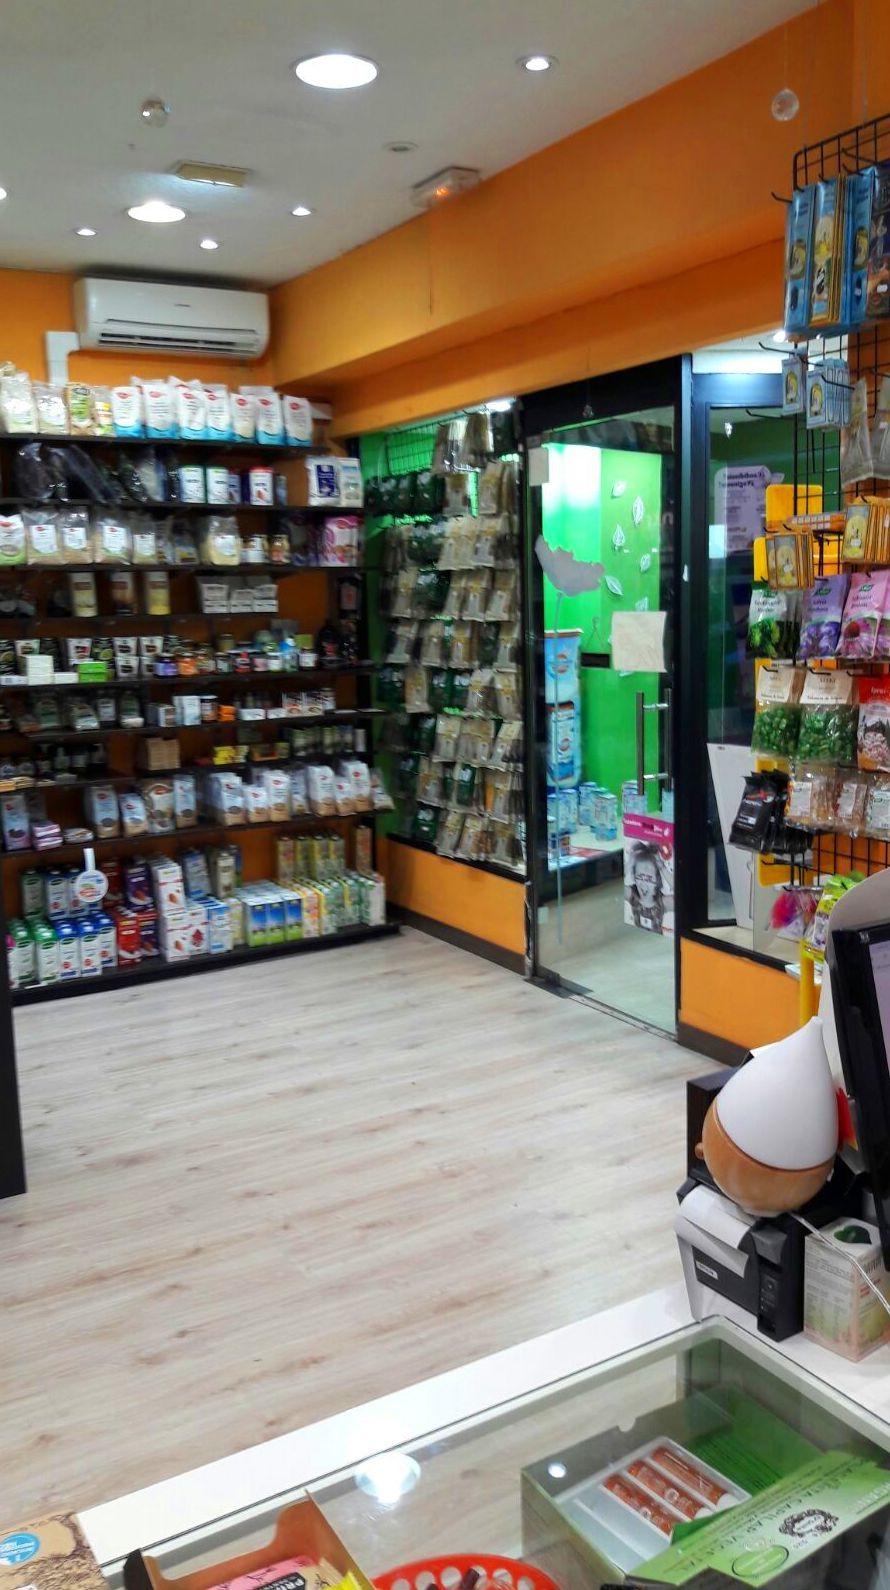 Foto 14 de Herbolarios y dietética en Madrid | Herbolario de Silvia